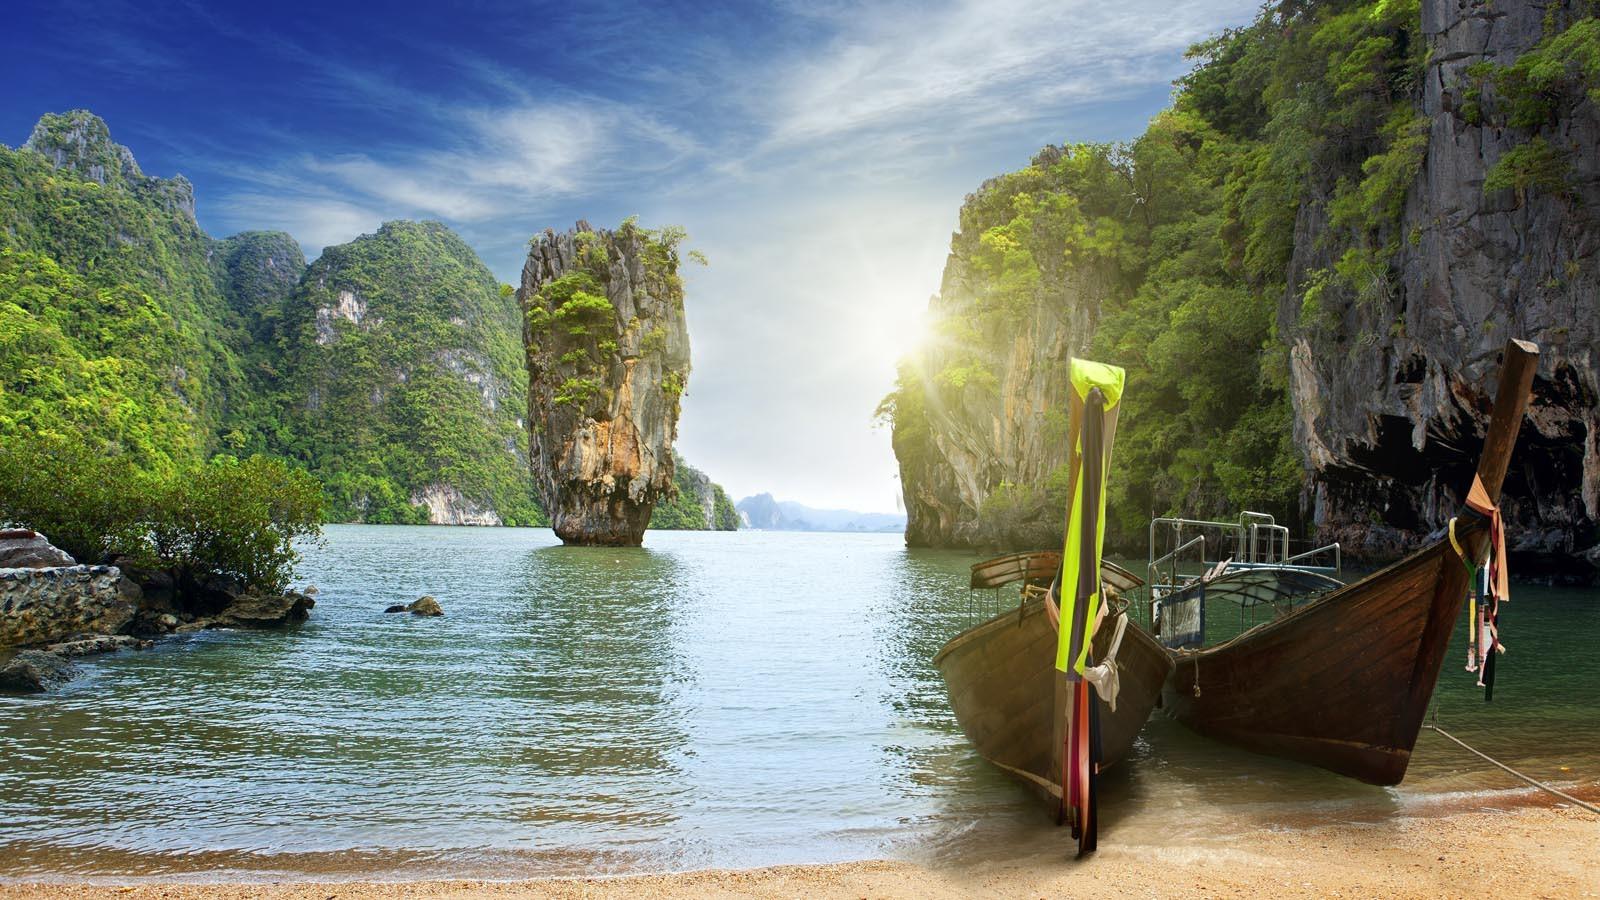 Alquiler de yates en Phuket. Yates de alquiler en Phuket. Barcos baratos de alquiler en Phuket